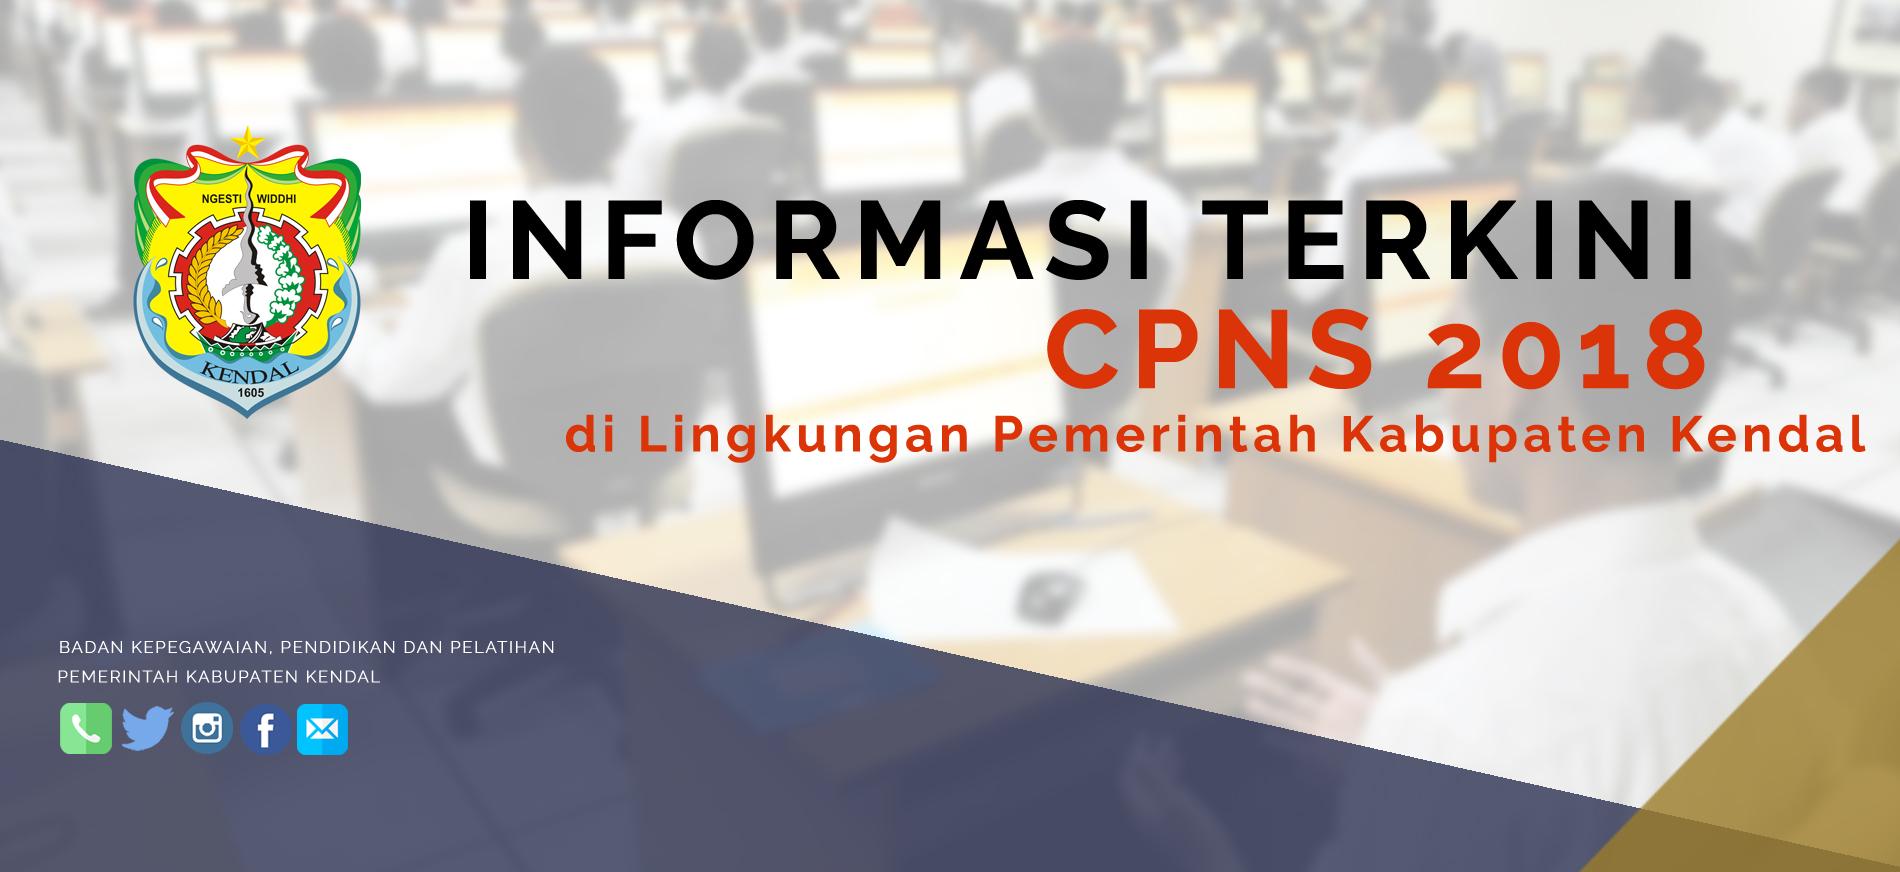 [CPNS 2018] Pengumuman Seleksi Penerimaan Calon PNS di Lingkungan Pemerintah Kabupaten Kendal